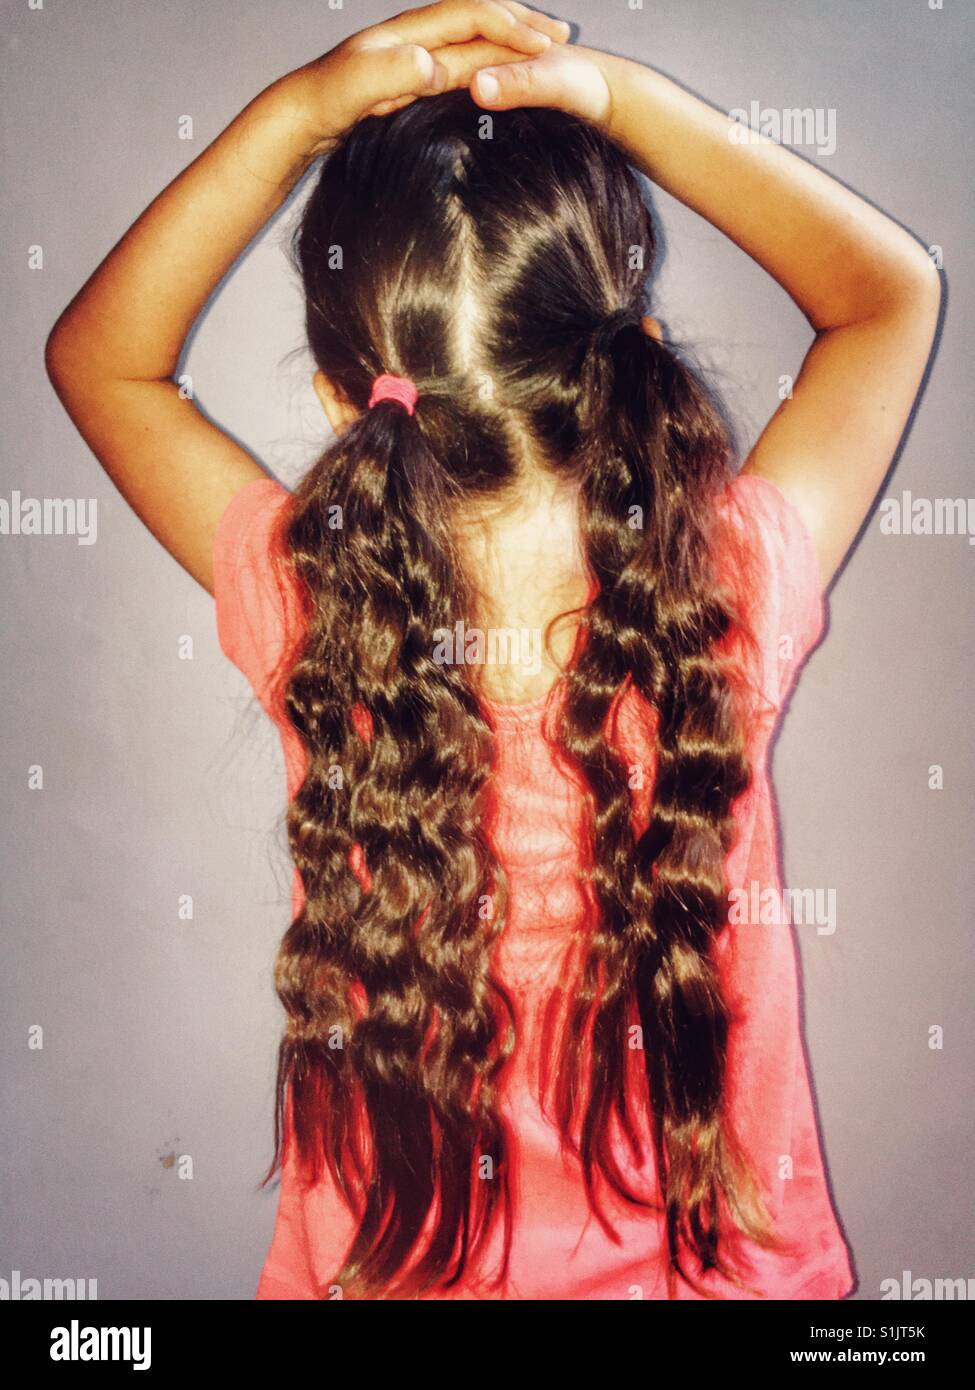 Long ponytails - Stock Image